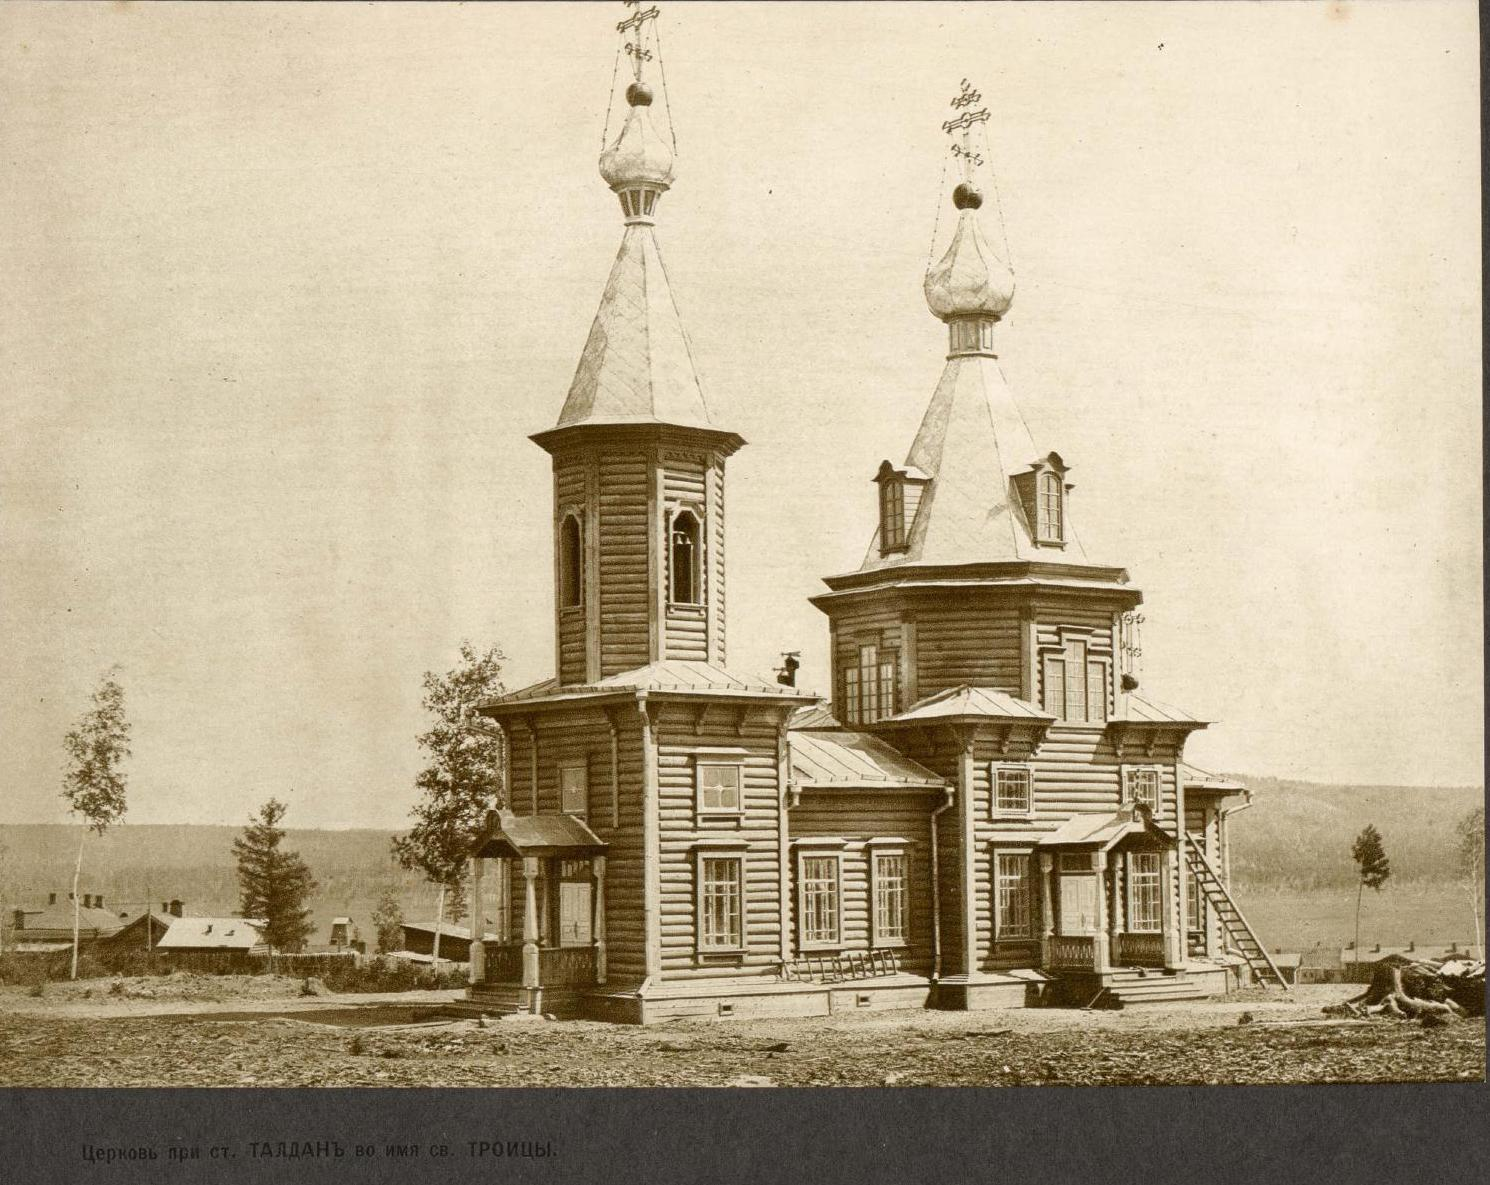 43 верста. Станция Талдан. Церковь во имя св. Троицы